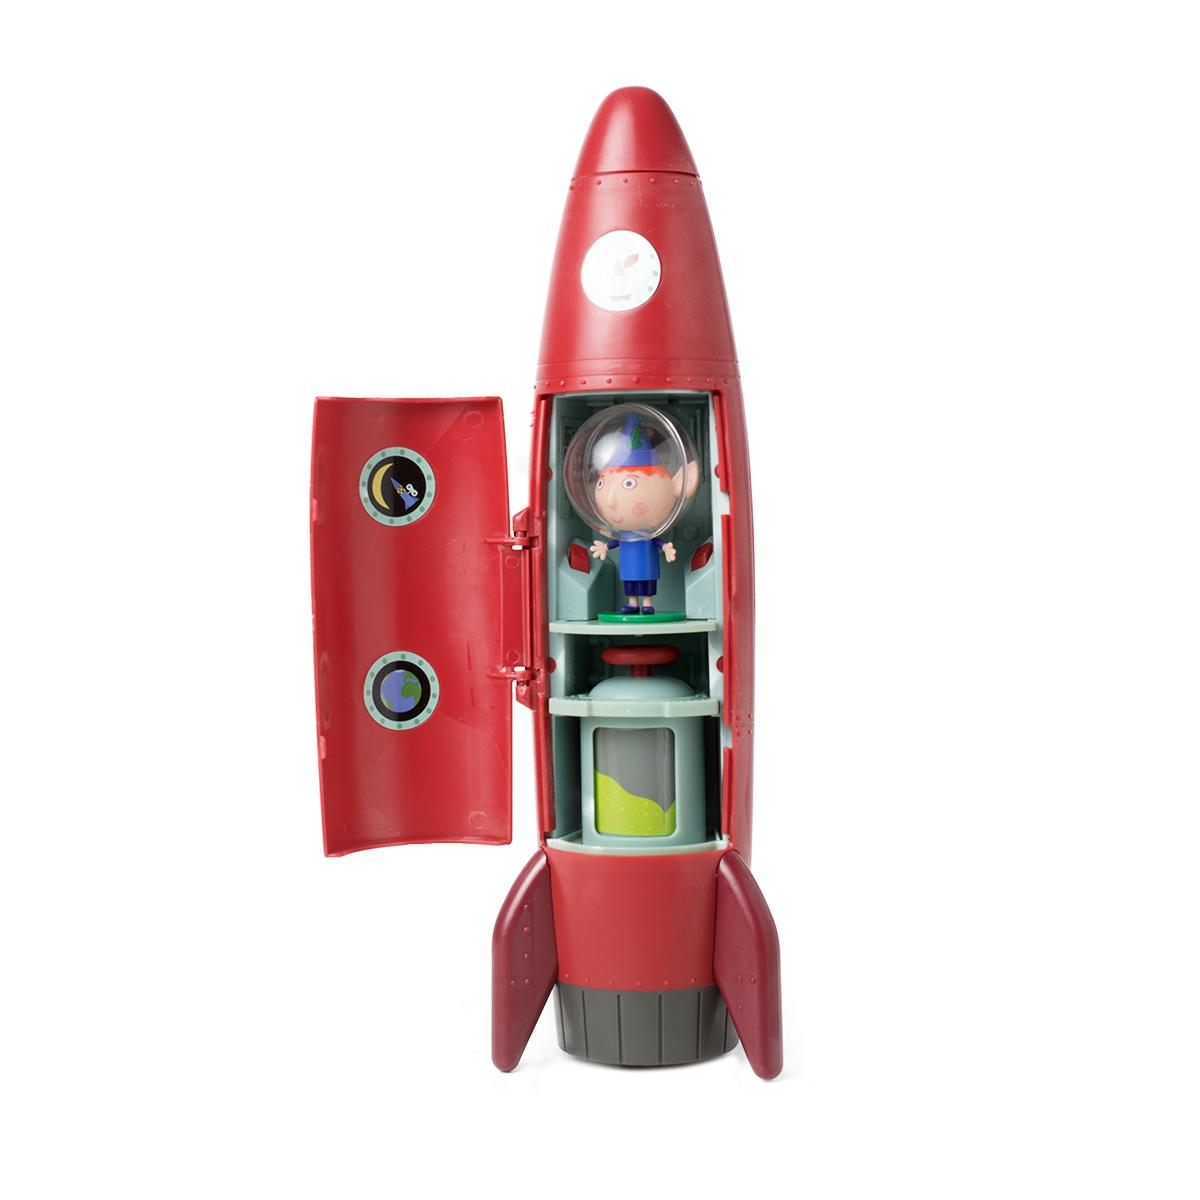 Игровой набор Ракета со звуком с фигуркой Бена. Серия - Бен и ХоллиМаленькое королевство Бена и Холли<br>Игровой набор Ракета со звуком с фигуркой Бена. Серия - Бен и Холли<br>